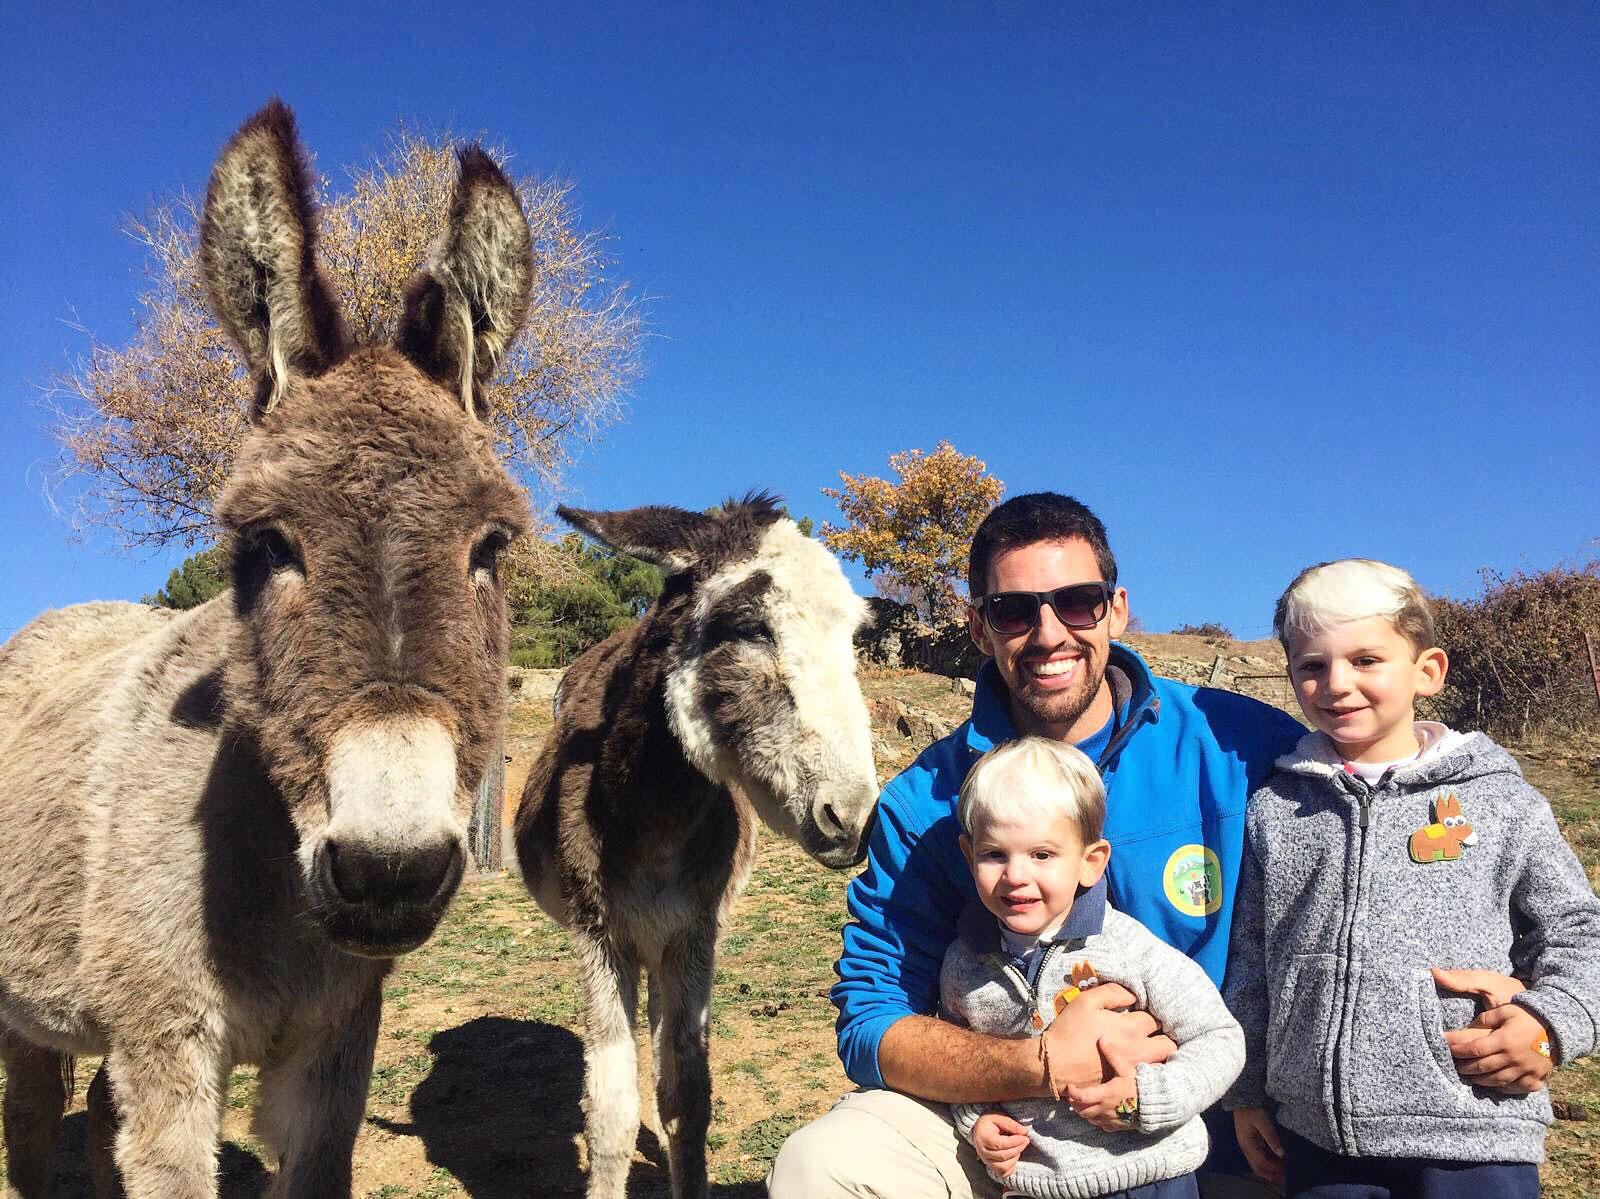 Casa rural con animales y actividades divertidas para niños